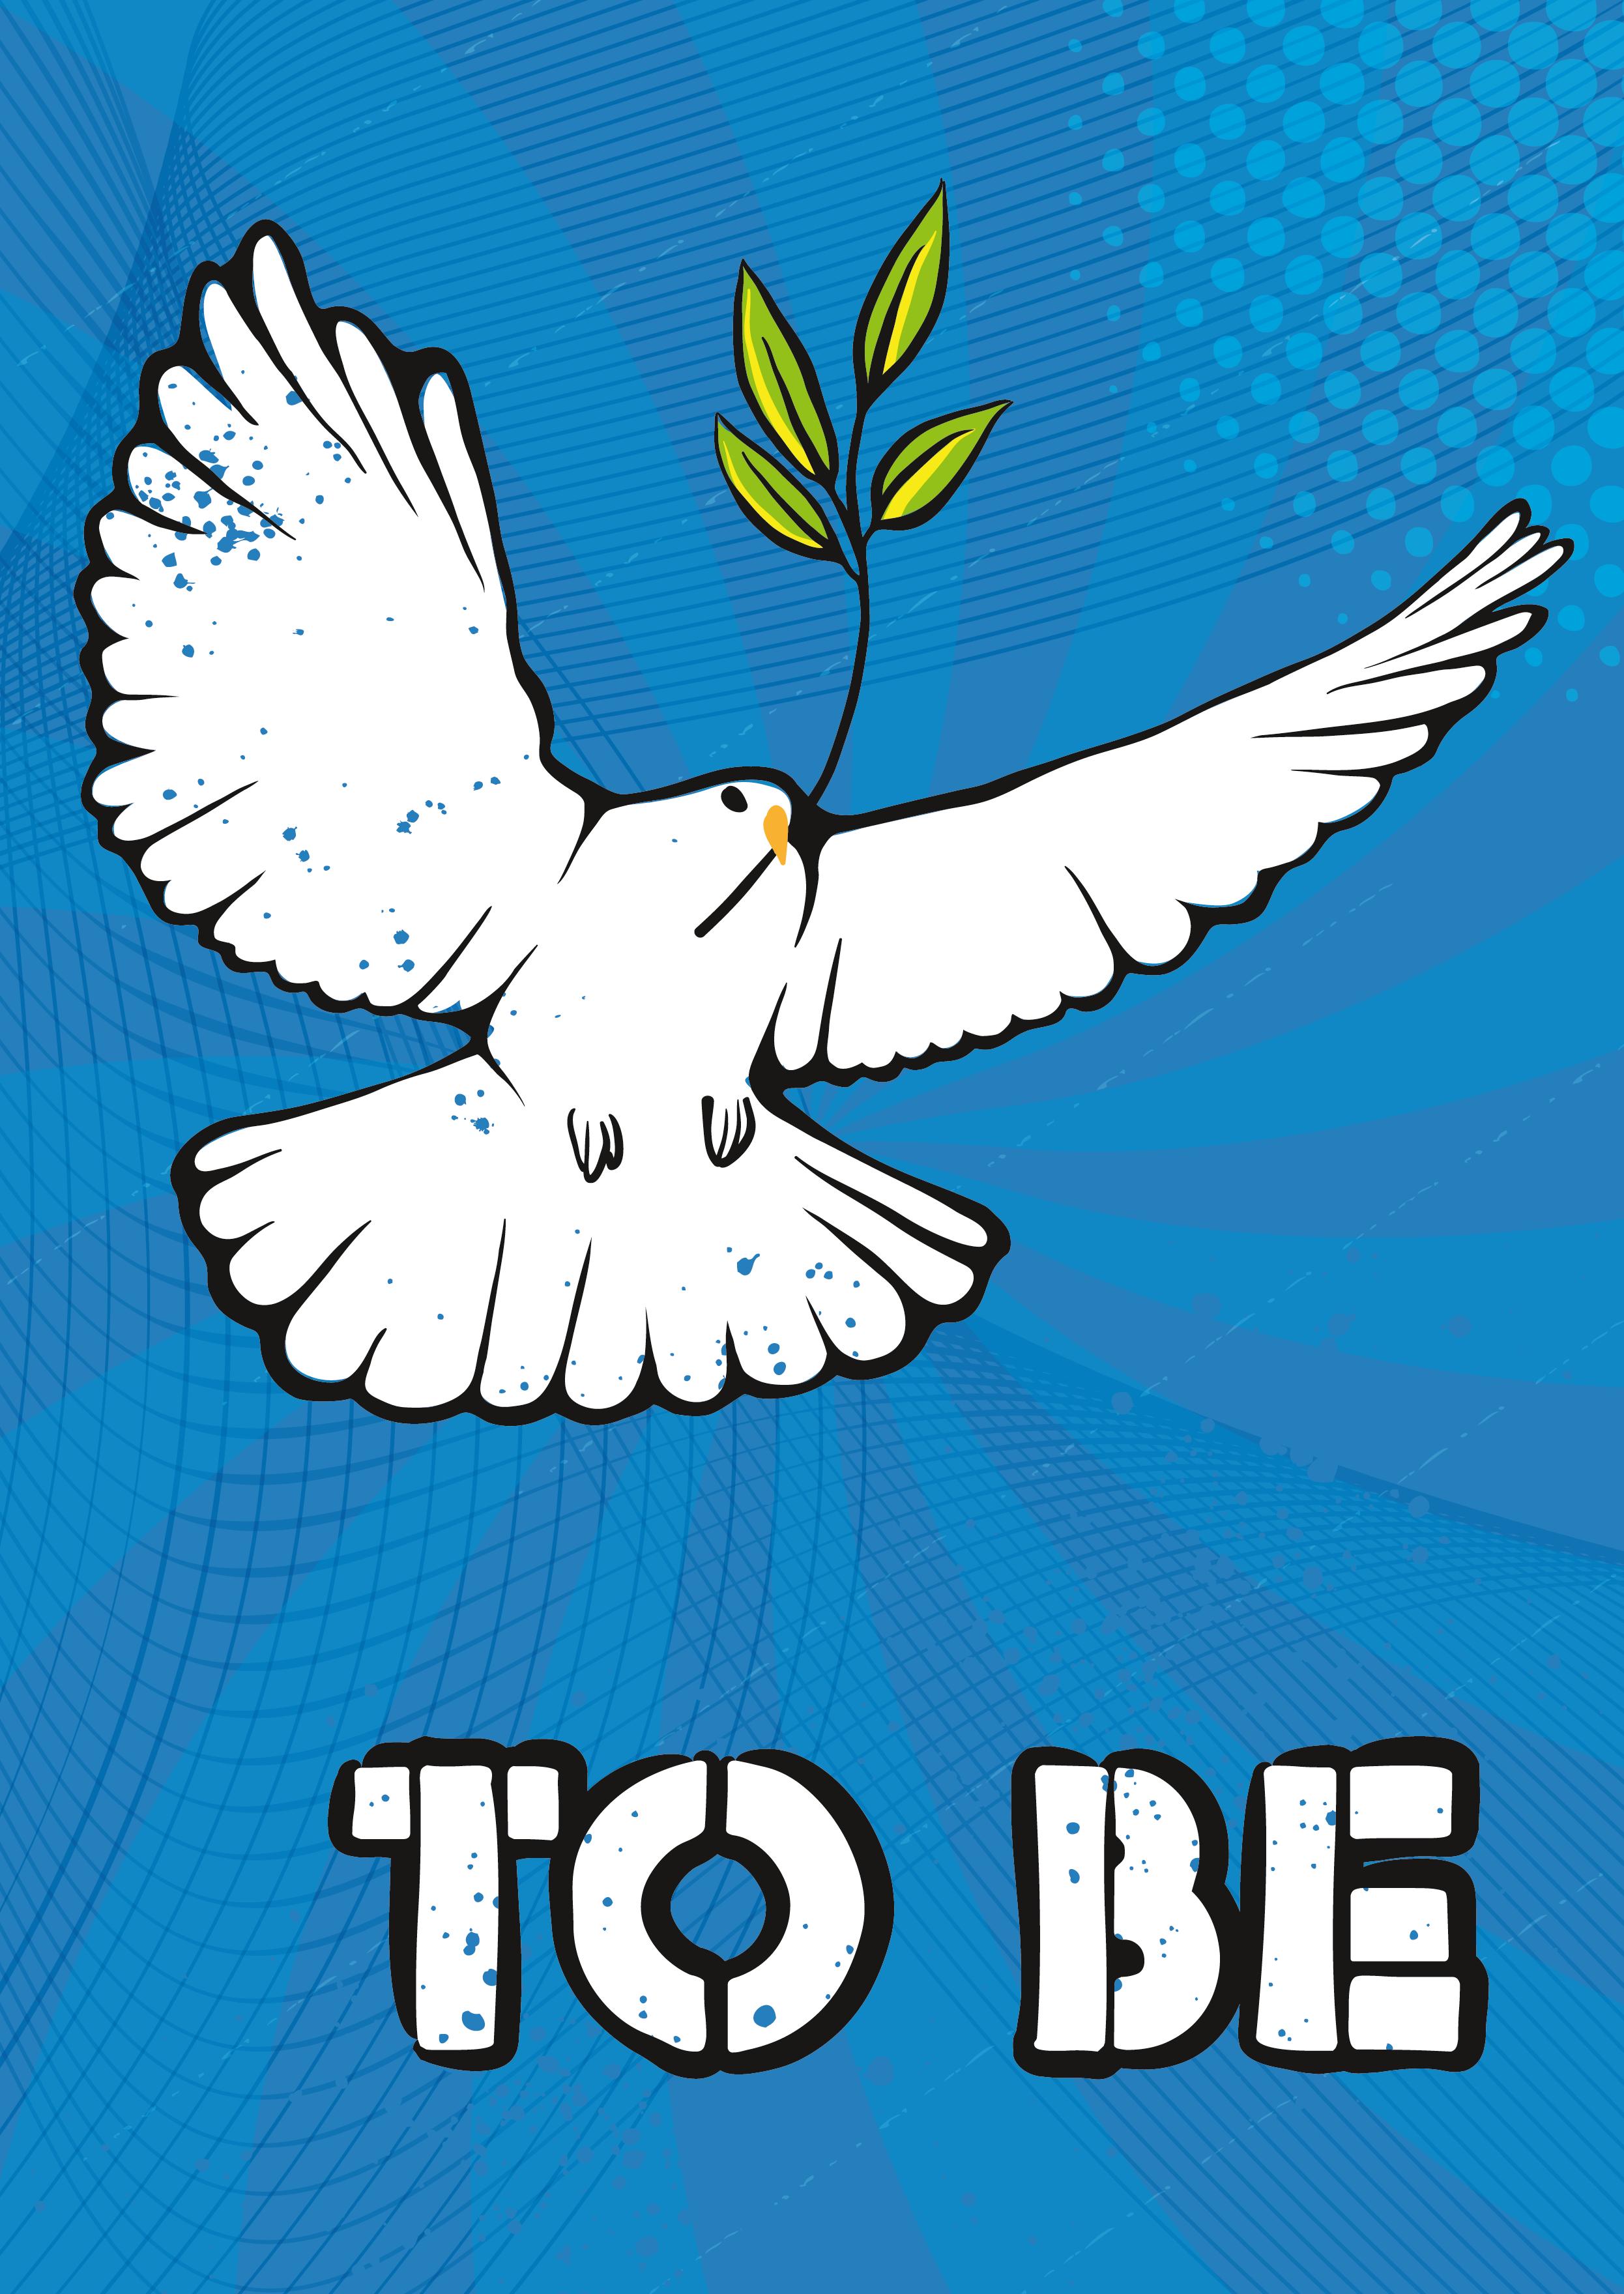 Abbildung 3 eine Friedenstaube, wie man sie heute häufig auf Friedensdemonstrationen sieht. Grafik: Doro Tops.